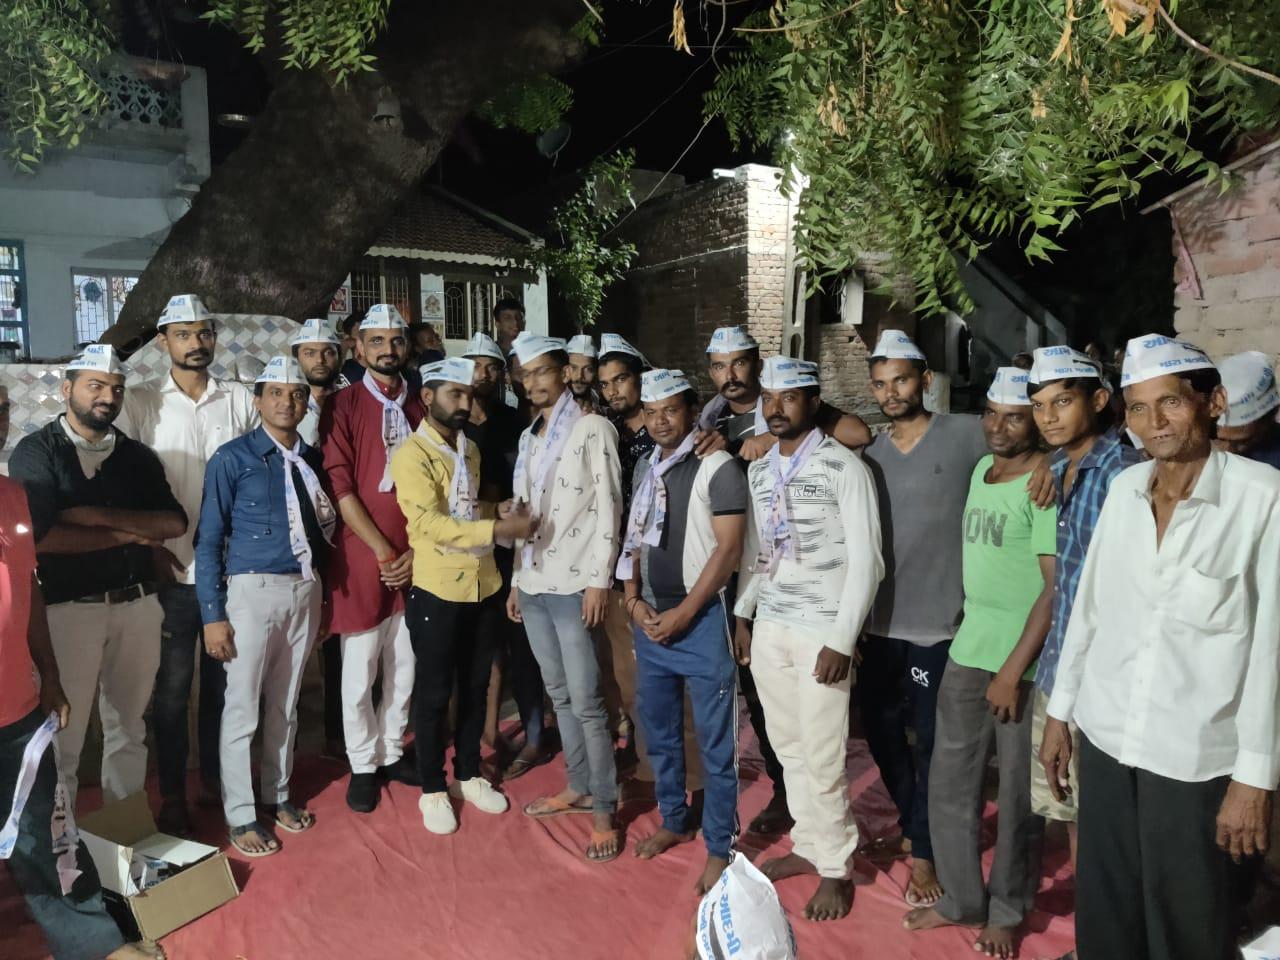 હળવદના મયુરનગરમાં ભાજપ-કોગ્રસ છોડી આપમાં 50 લોકો જોડાયા - Divya Bhaskar